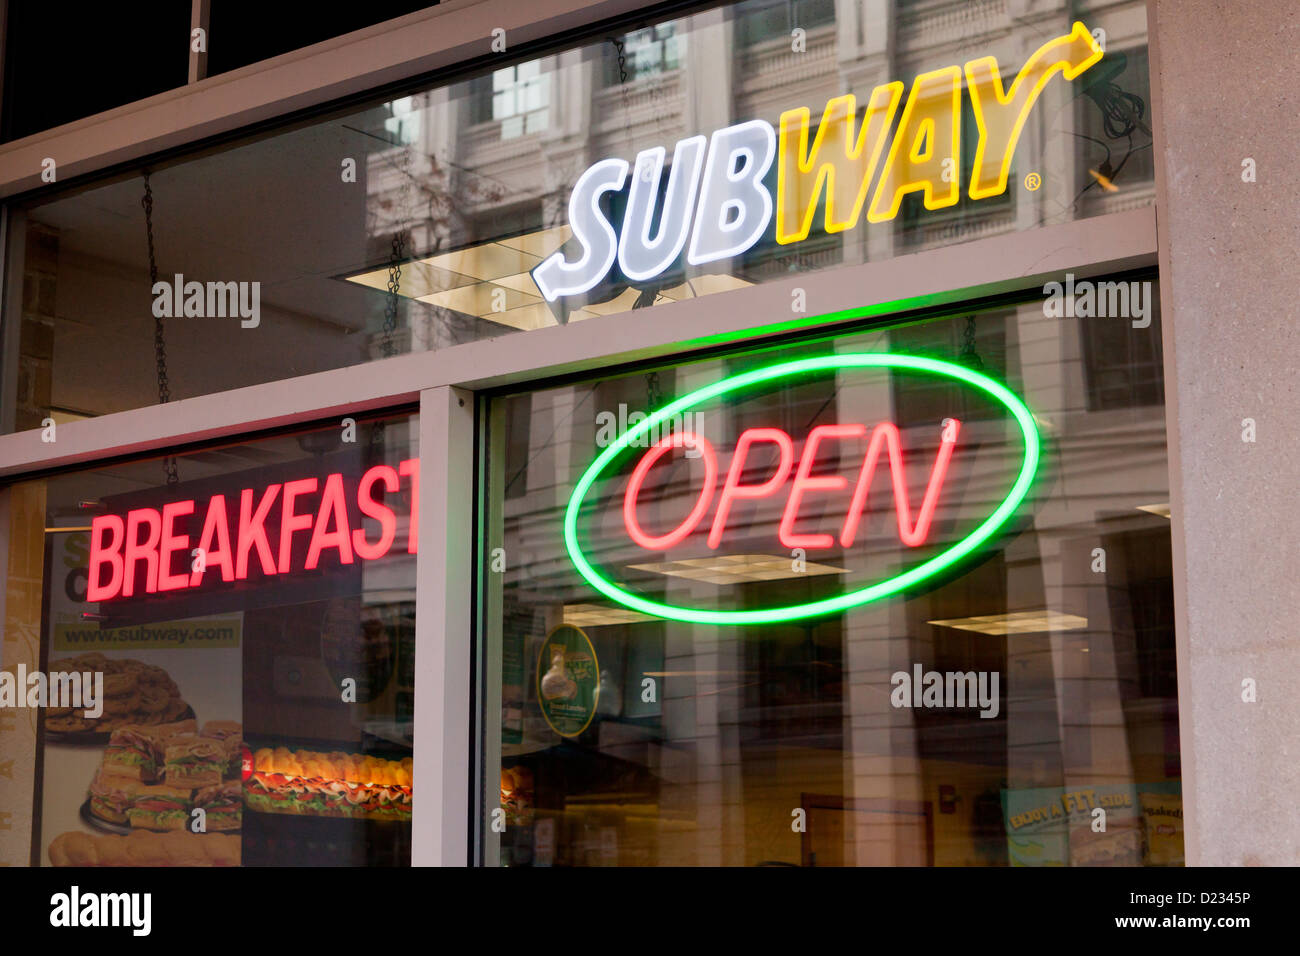 Breakfast Near My Location